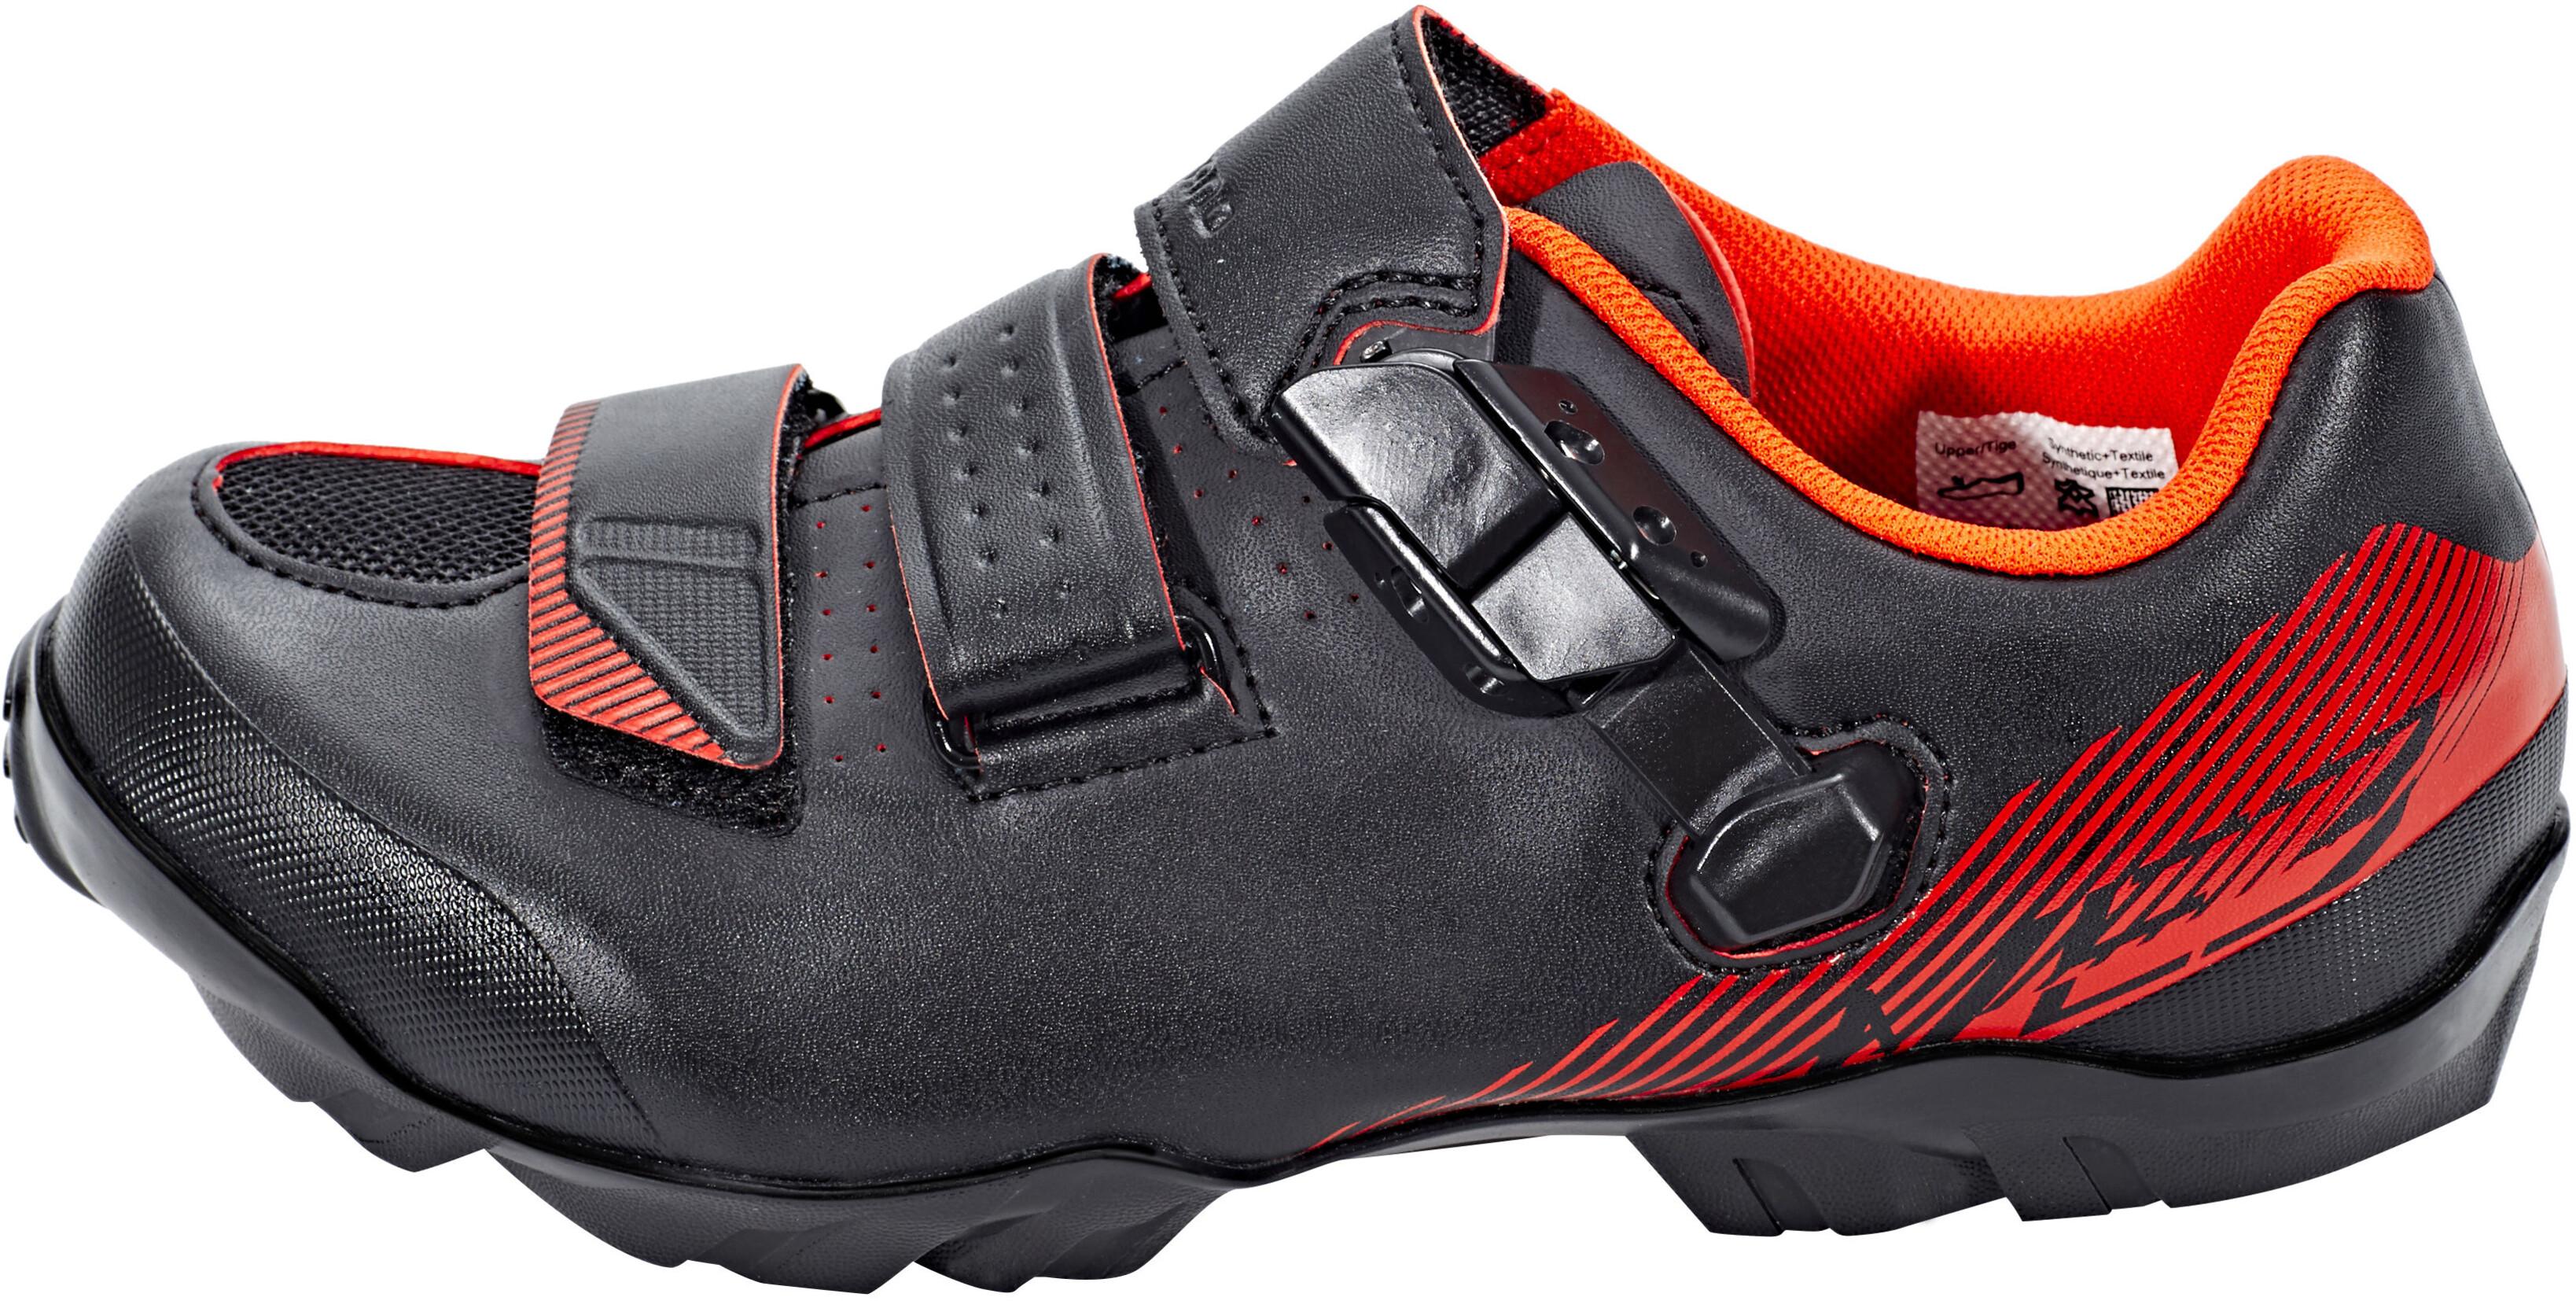 9f527a0d725 Shimano SH-ME3 schoenen zwart I Eenvoudig online bij Bikester